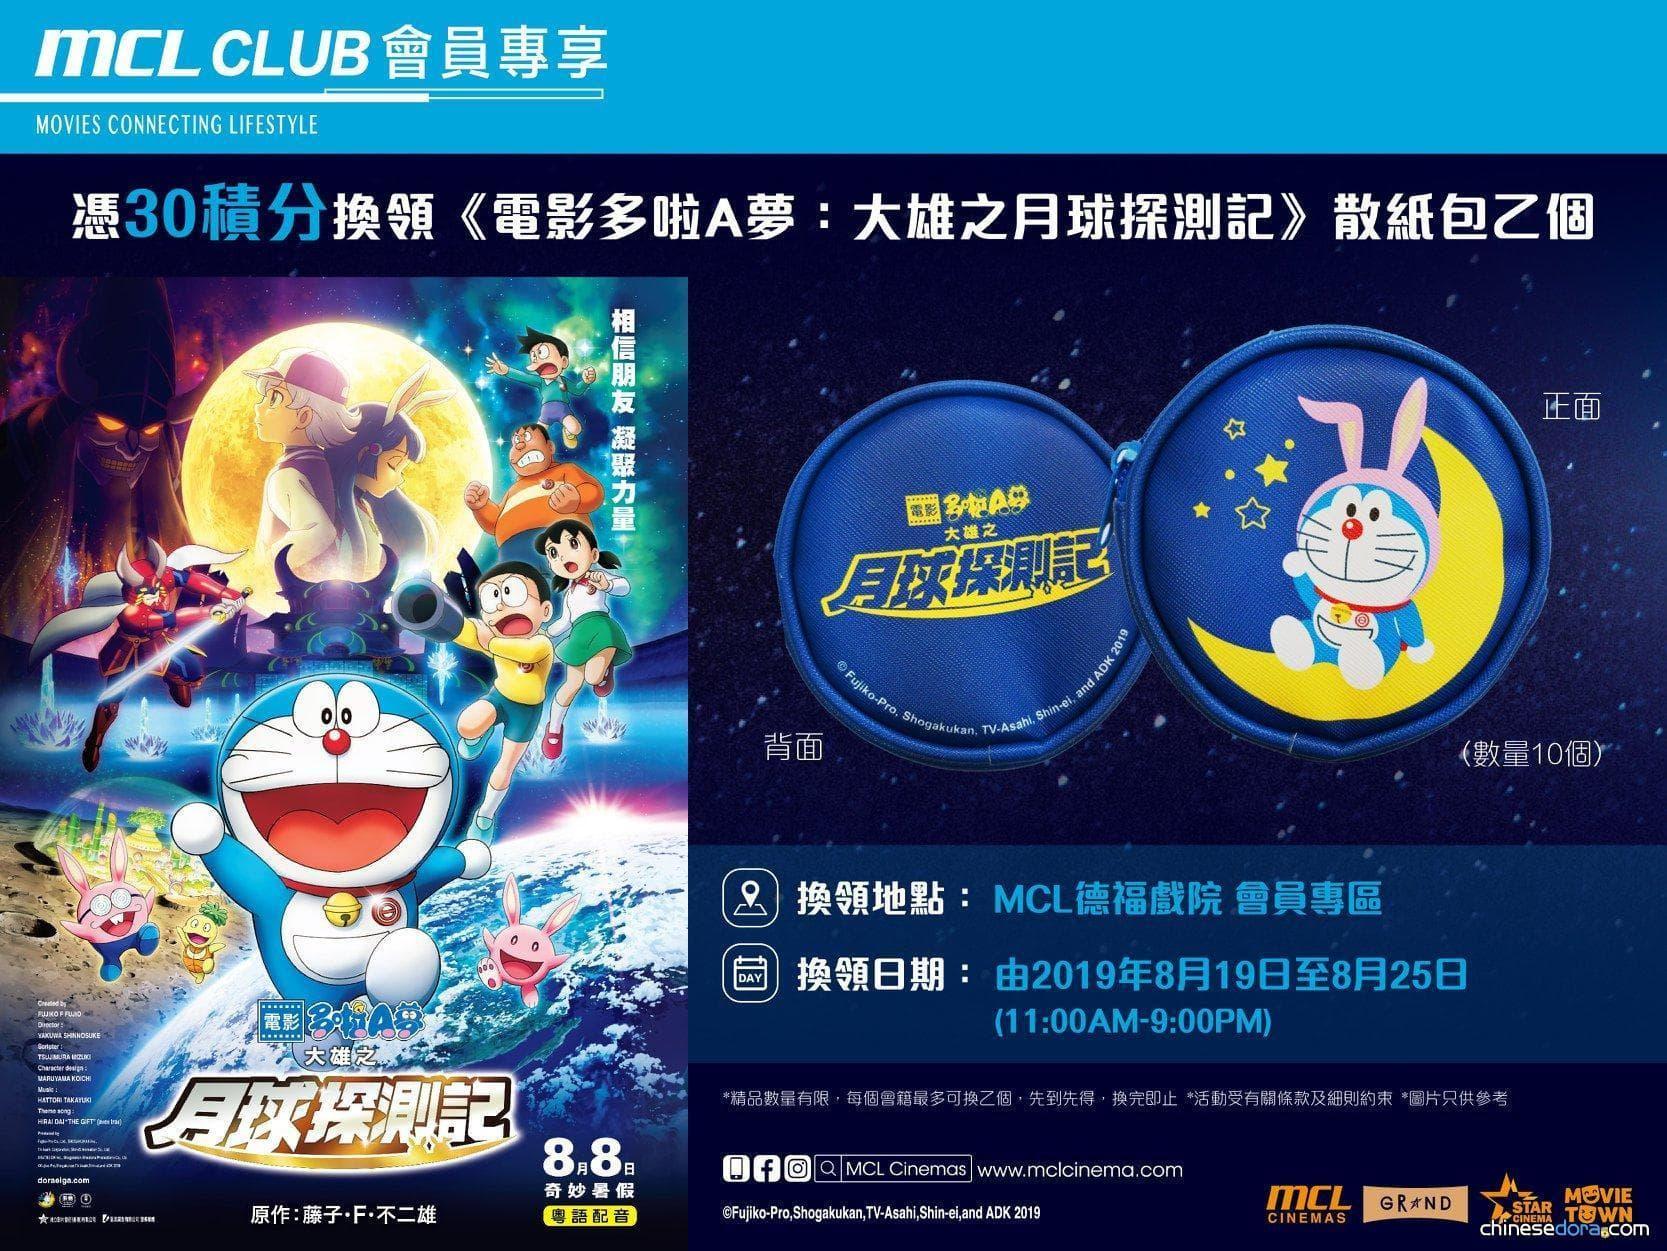 [香港]  限量10個!MCL會員可憑積分換領《電影哆啦A夢:大雄之月球探測記》散紙包